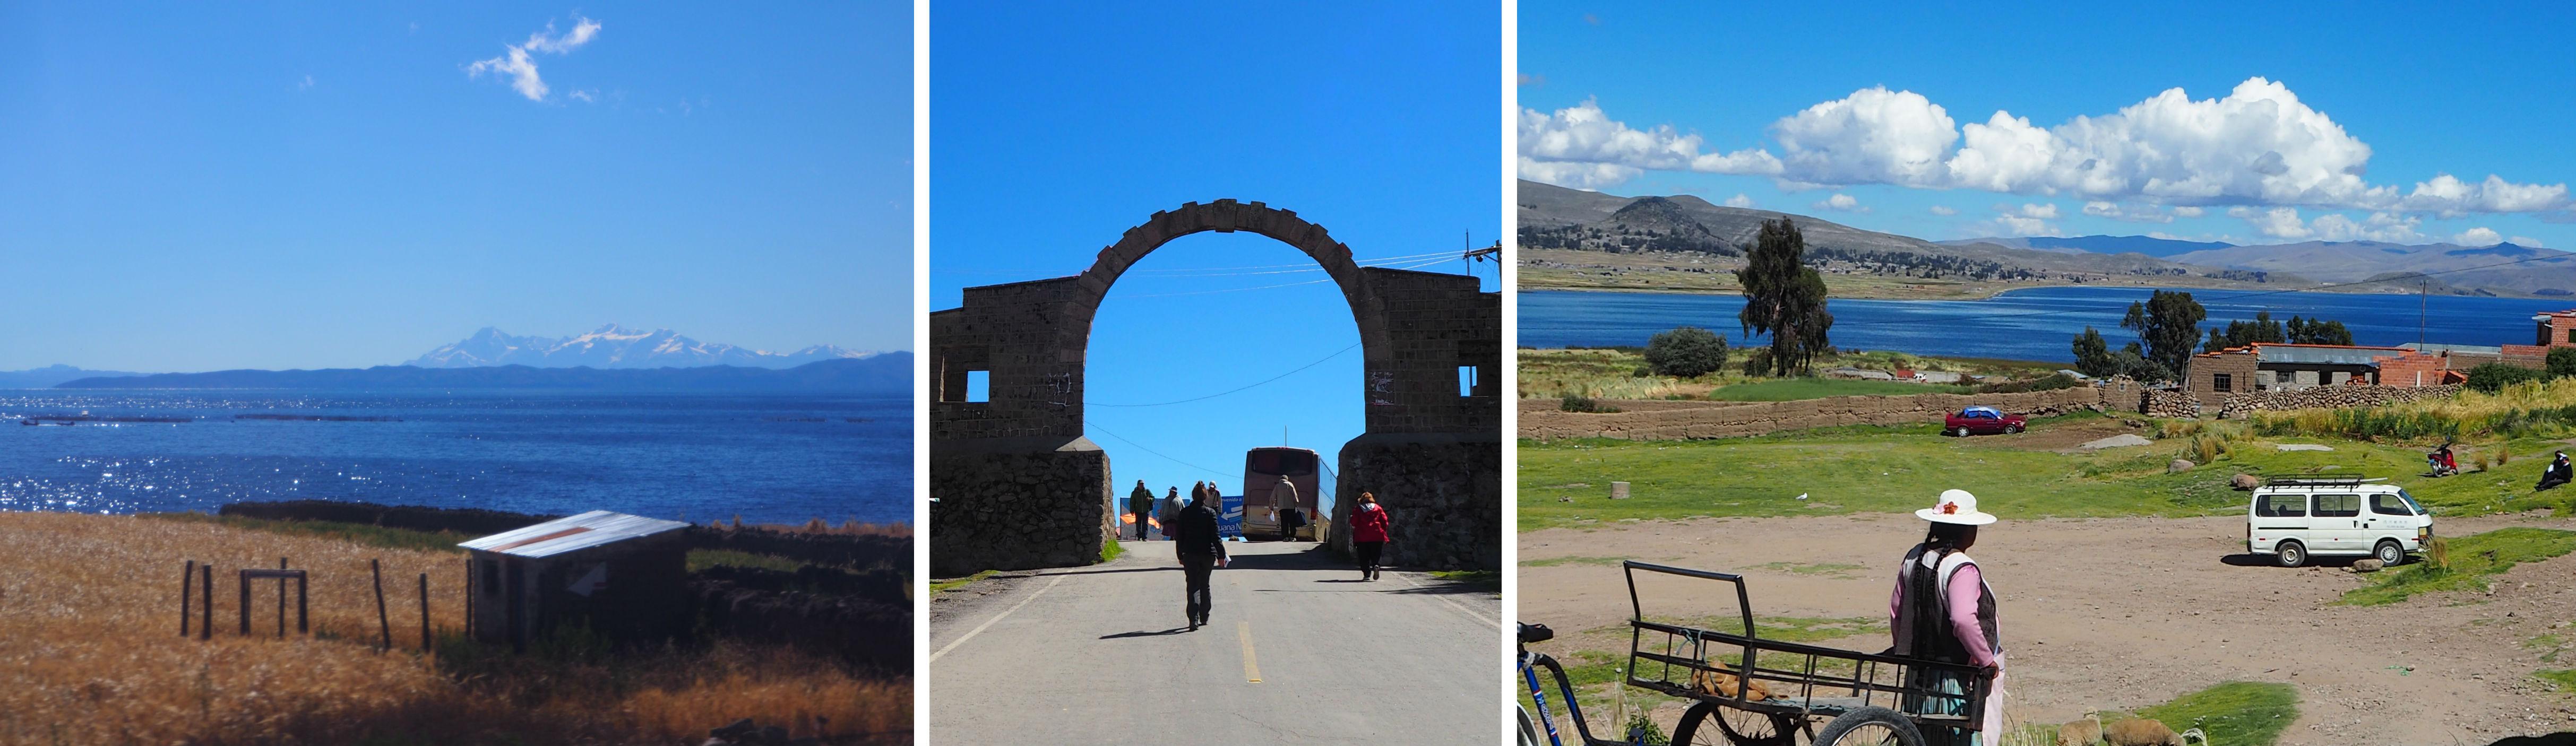 lac titicaca ilsa del sol puno